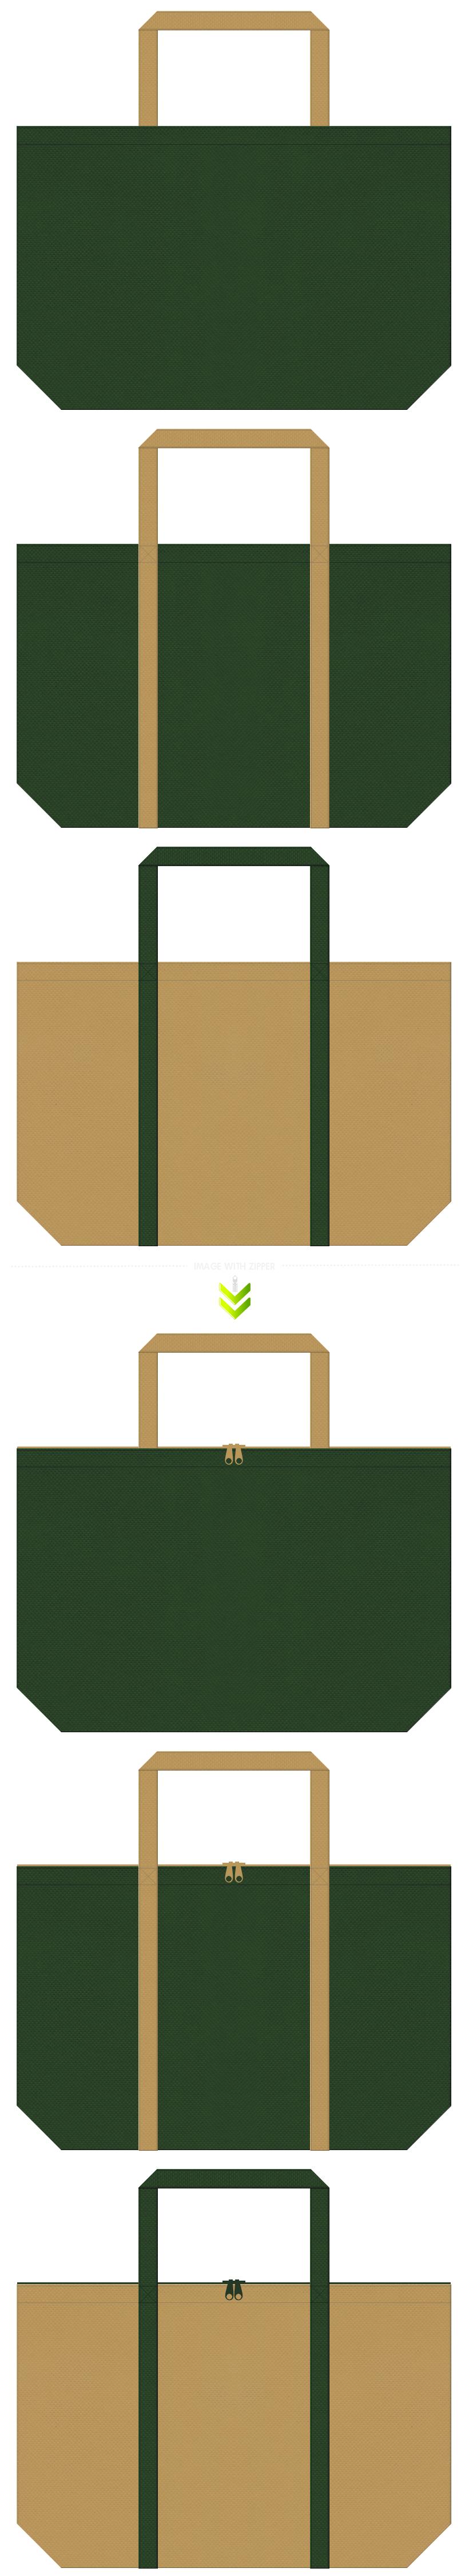 アンティーク・ヴィンテージ・動物園・テーマパーク・探検・ジャングル・恐竜・サバンナ・サファリ・アニマル・迷彩色・DIY・テント・タープ・チェア・登山・アウトドア・キャンプ用品のショッピングバッグにお奨めの不織布バッグデザイン:濃緑色・深緑色と金黄土色のコーデ